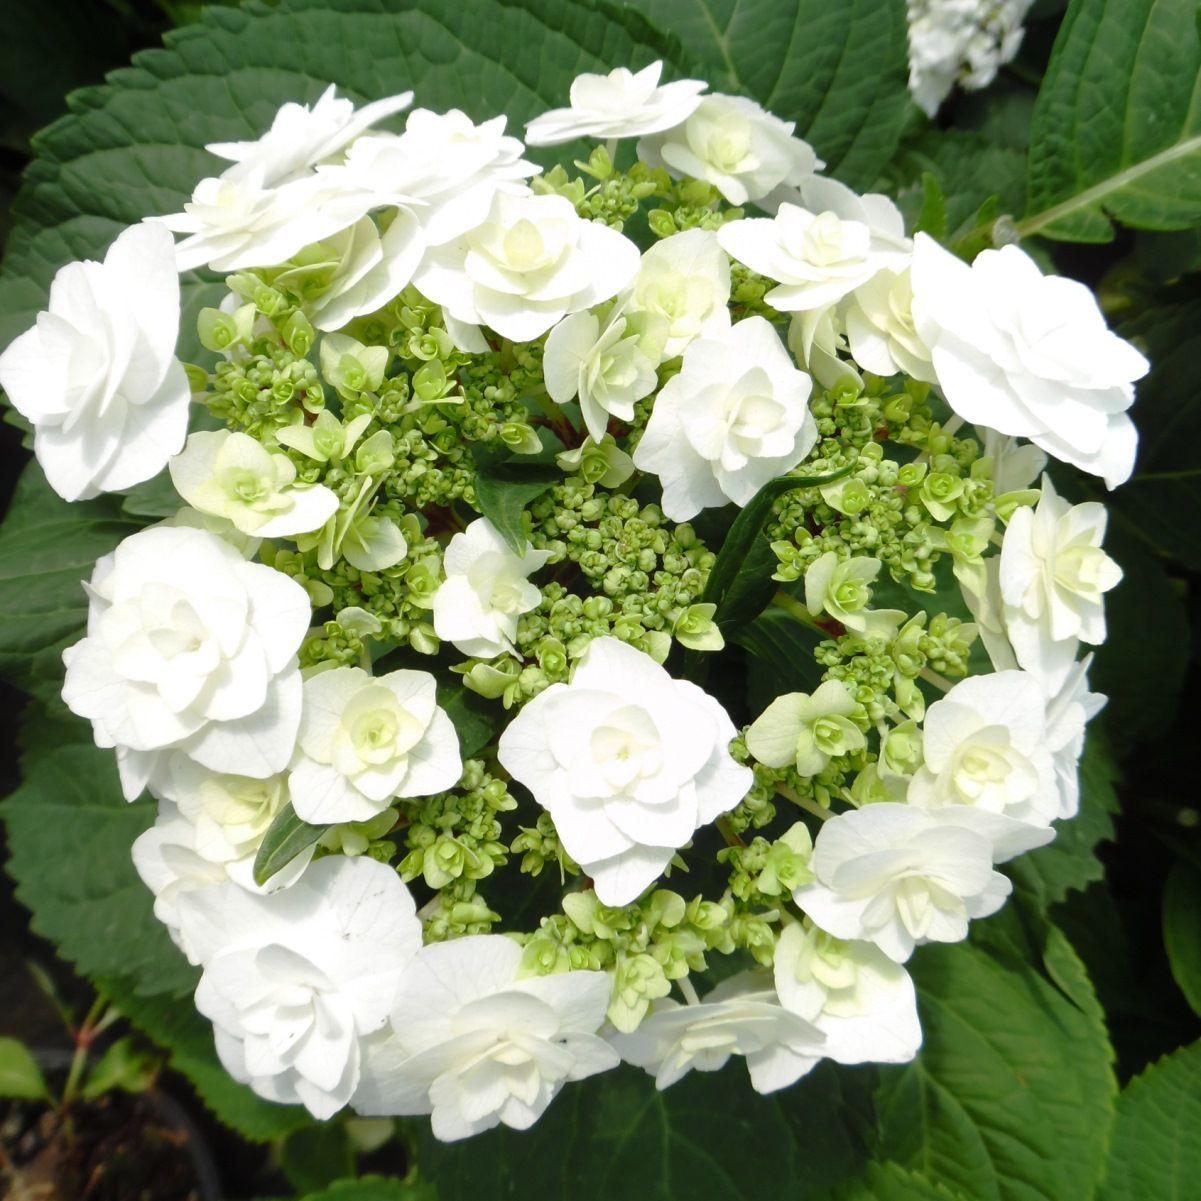 Hydrangea Macrophylla Wedding Gown: Wedding Gown Hydrangea Shrubs